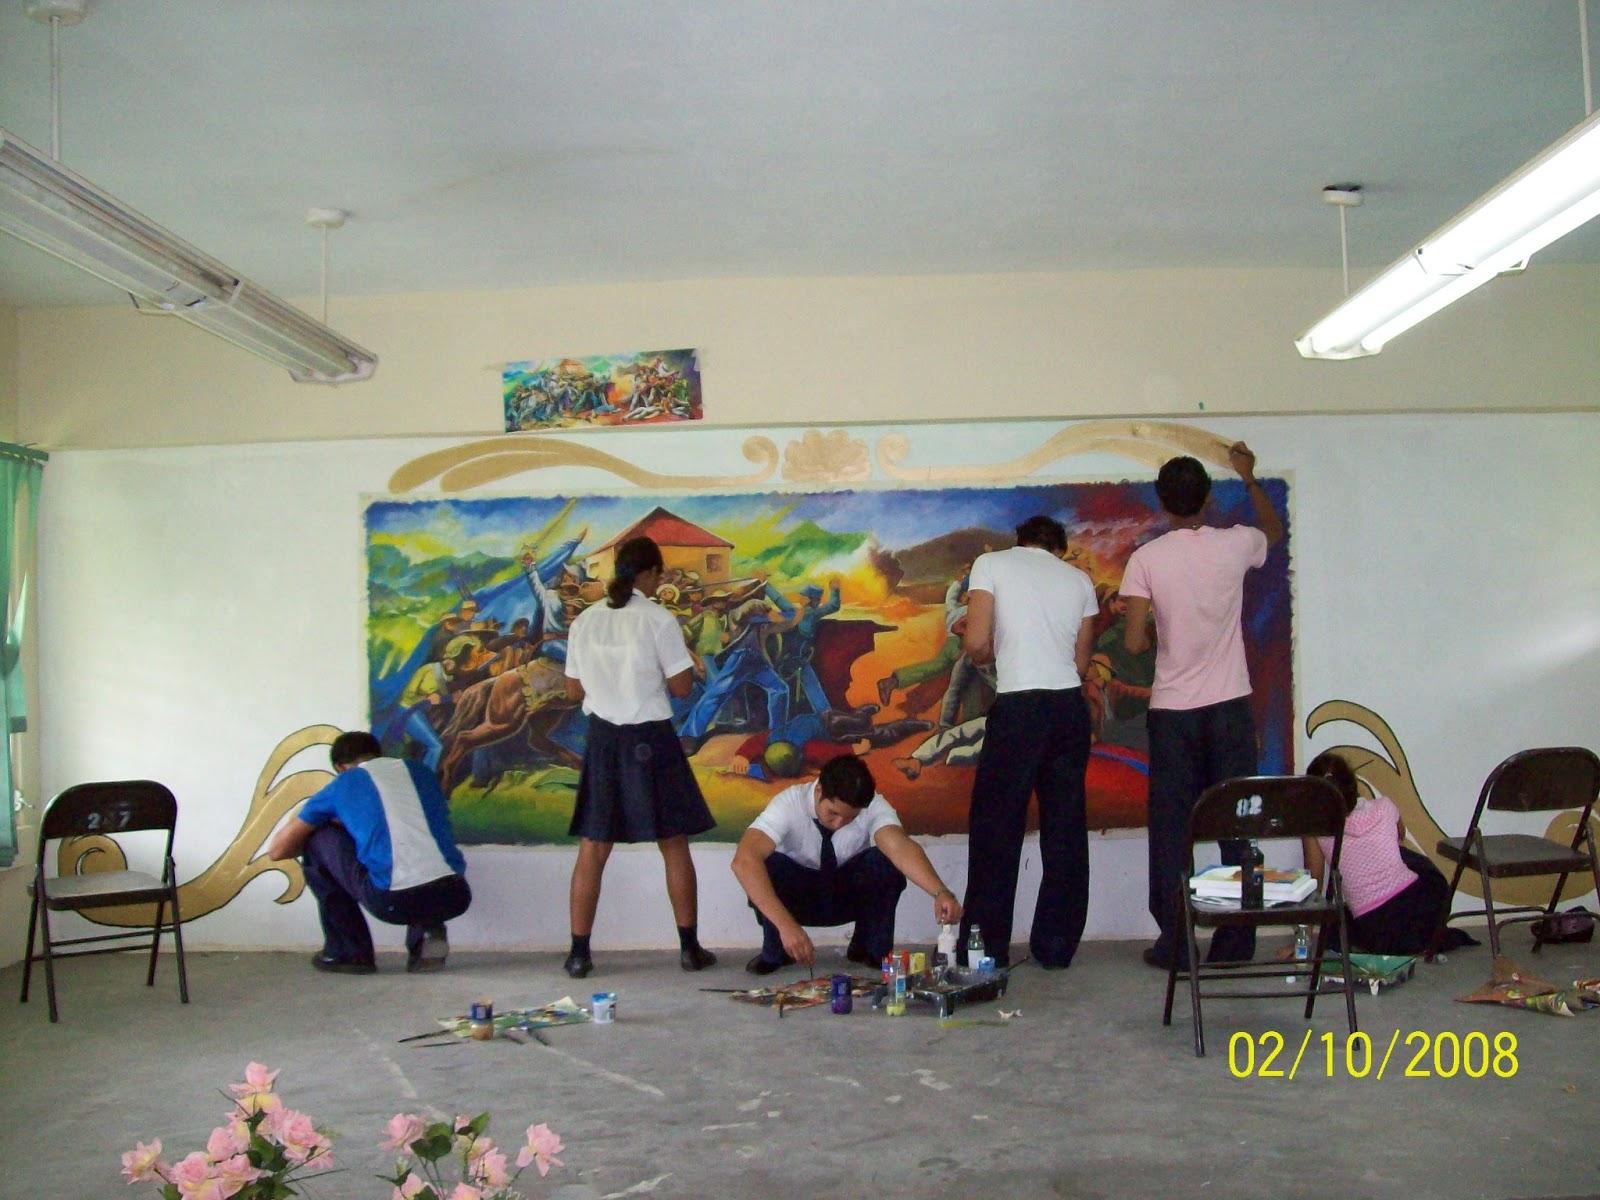 Javier espinal mural colectivo batalla de la trinidad for Arte colectivo mural